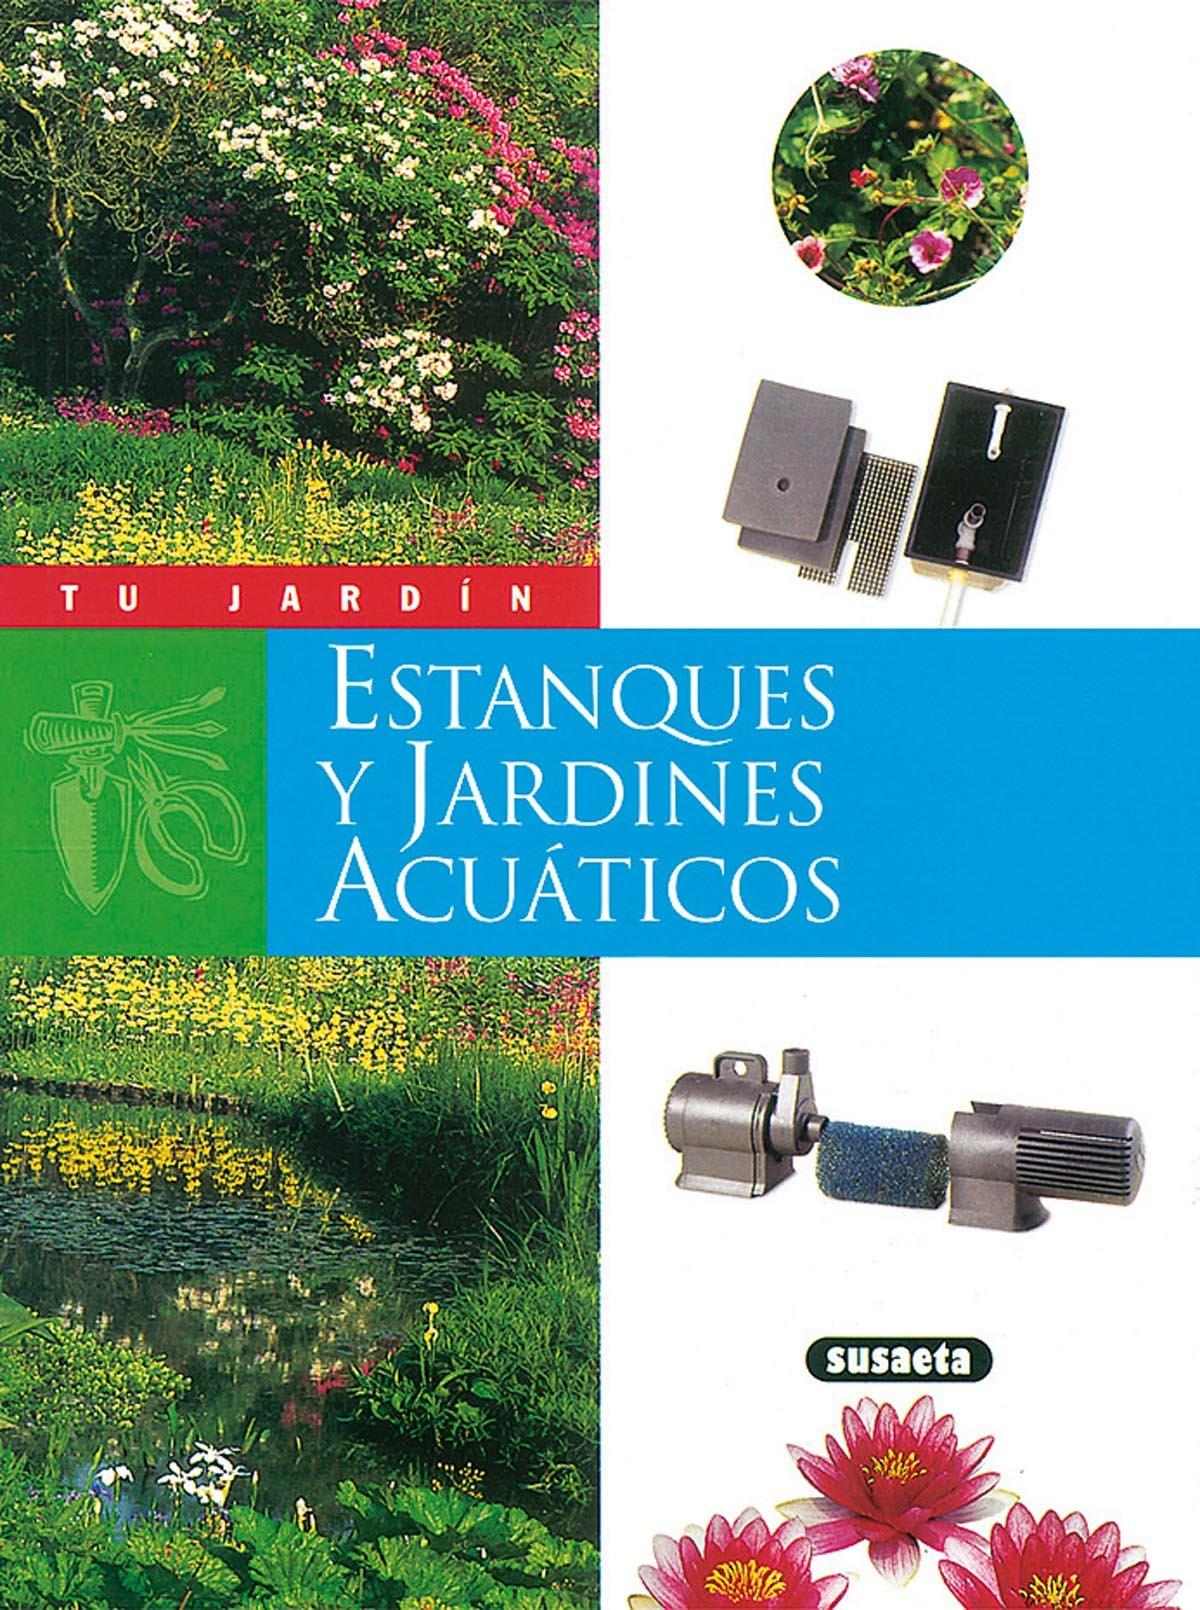 Estanques y jardines acuáticos (Tu Jardín): Amazon.es: Utard, Jean ...